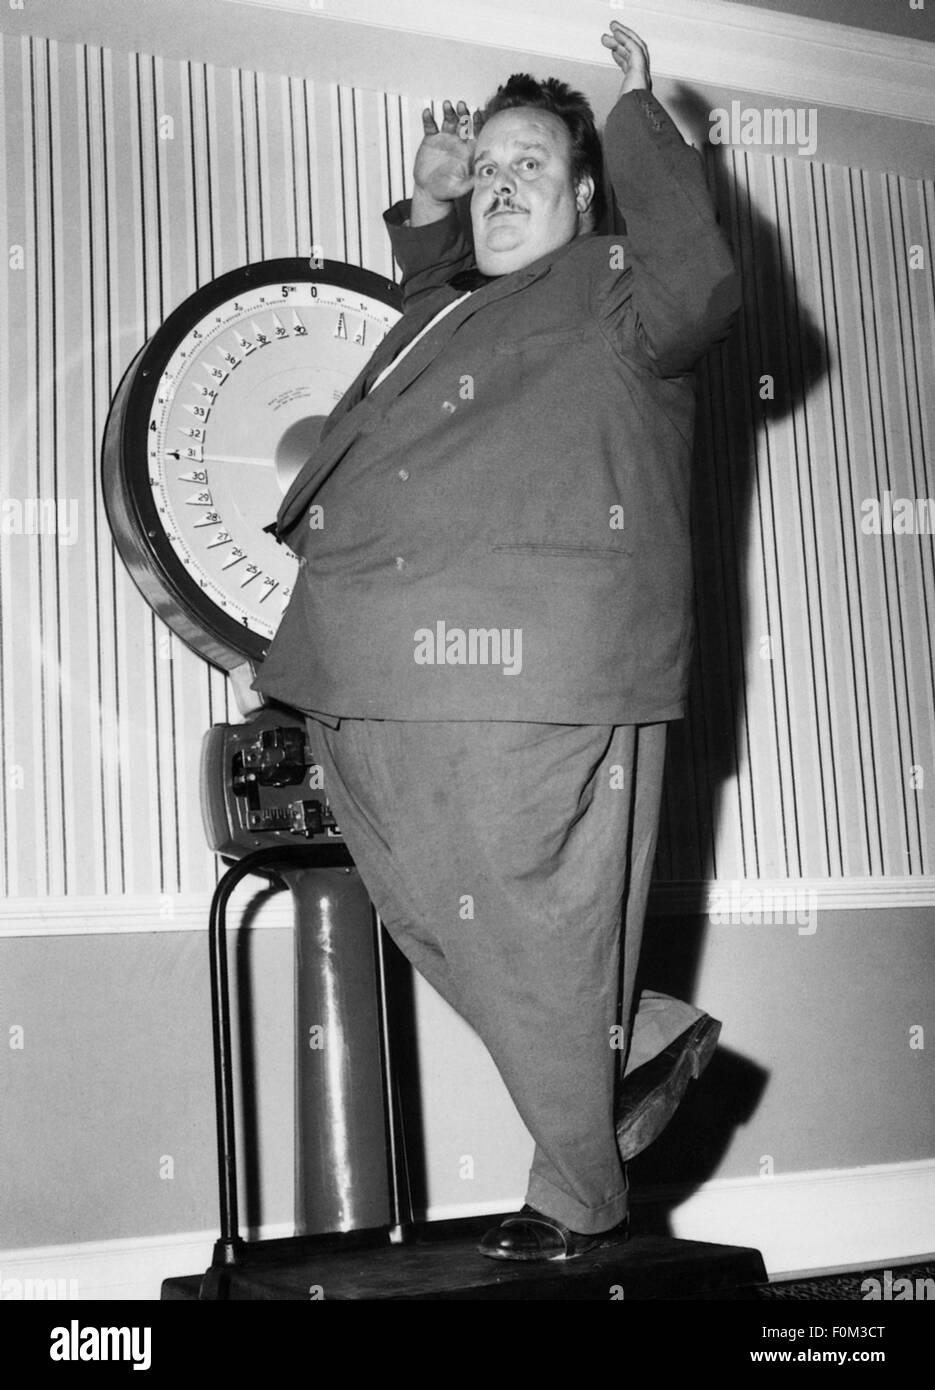 Menschen, Männer, volle Länge - 50 s, dicken Mann auf einer Skala, 1950er Jahre, Additional-Rights - Clearences Stockbild